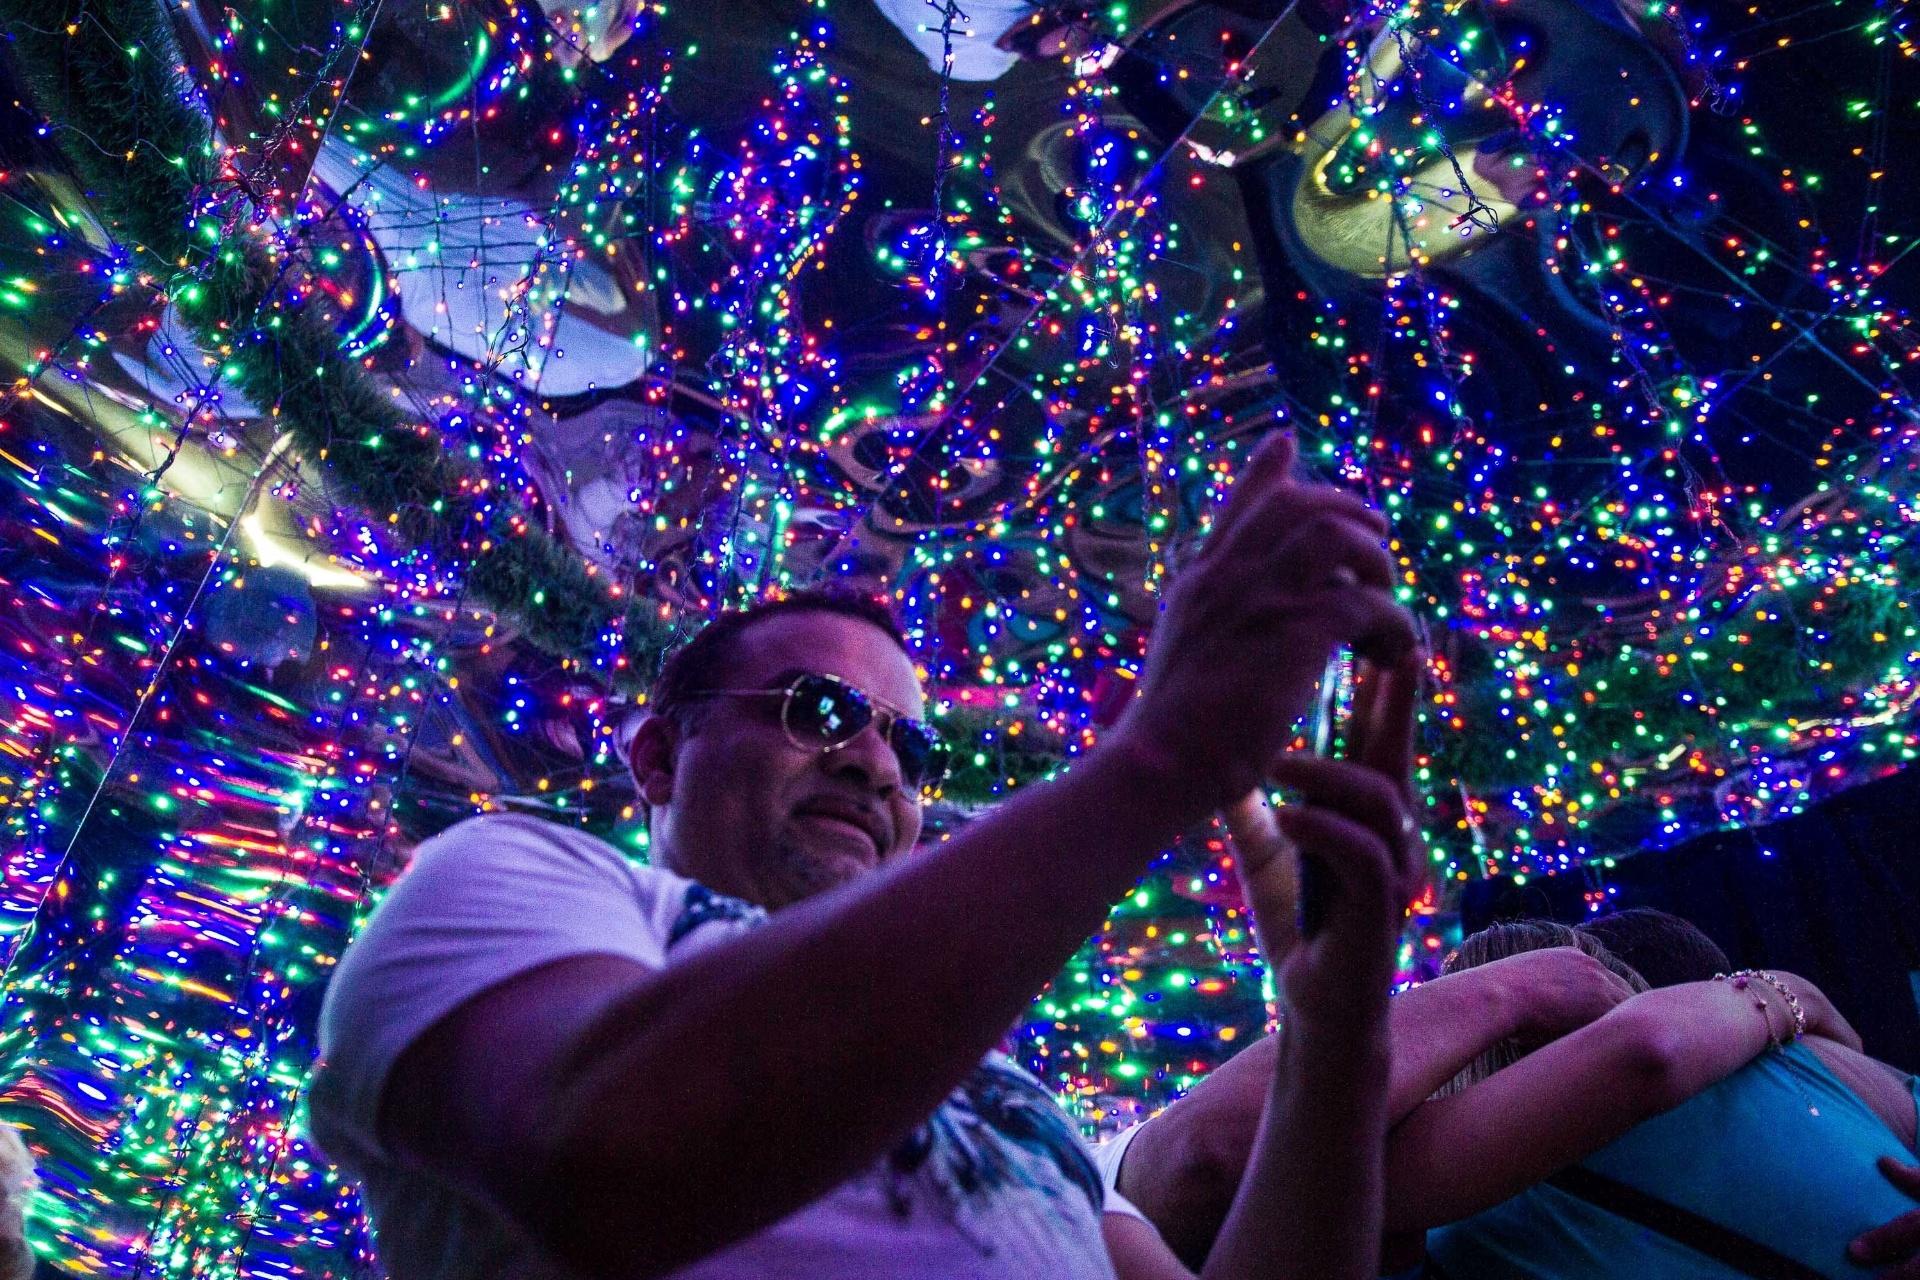 7.dez.2014 - Visitantes fazem selfies dentro do prisma montado por agência bancária tradicionalmente conhecida pela sua decoração de natal, na avenida Paulista, em São Paulo, neste domingo (7)